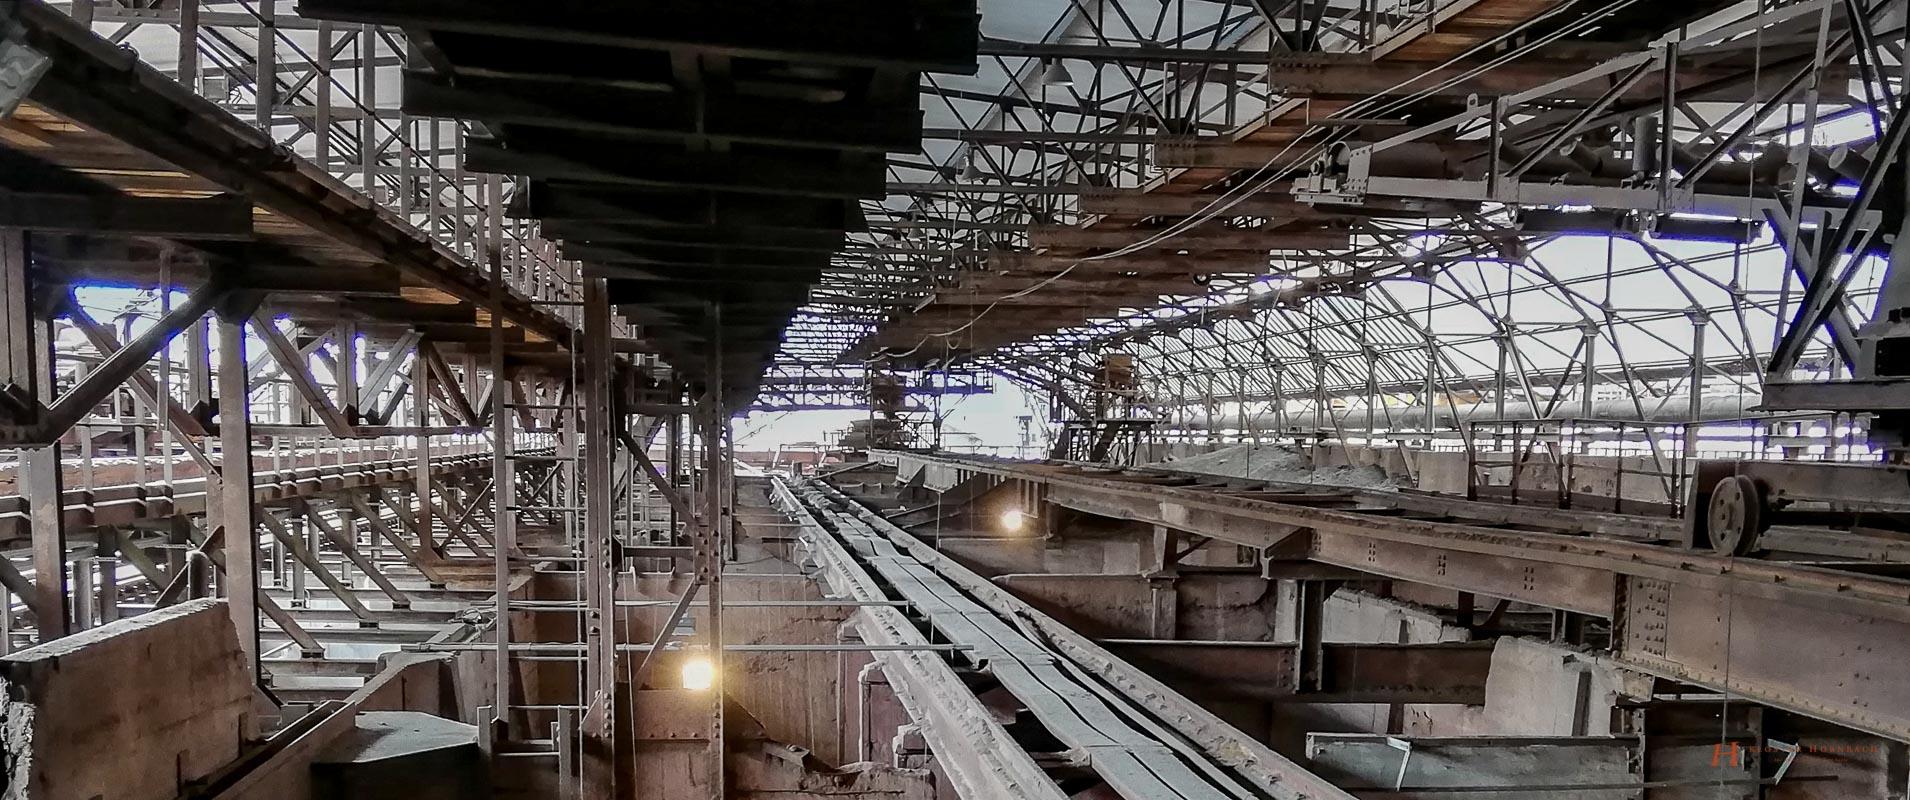 Völklinger Hütte - Unesco Weltkulturerbe - Industrieruine - Erholung in Rheinland Pfalz - Westpfalz Hotel - Top-Sehenswürdigkeiten